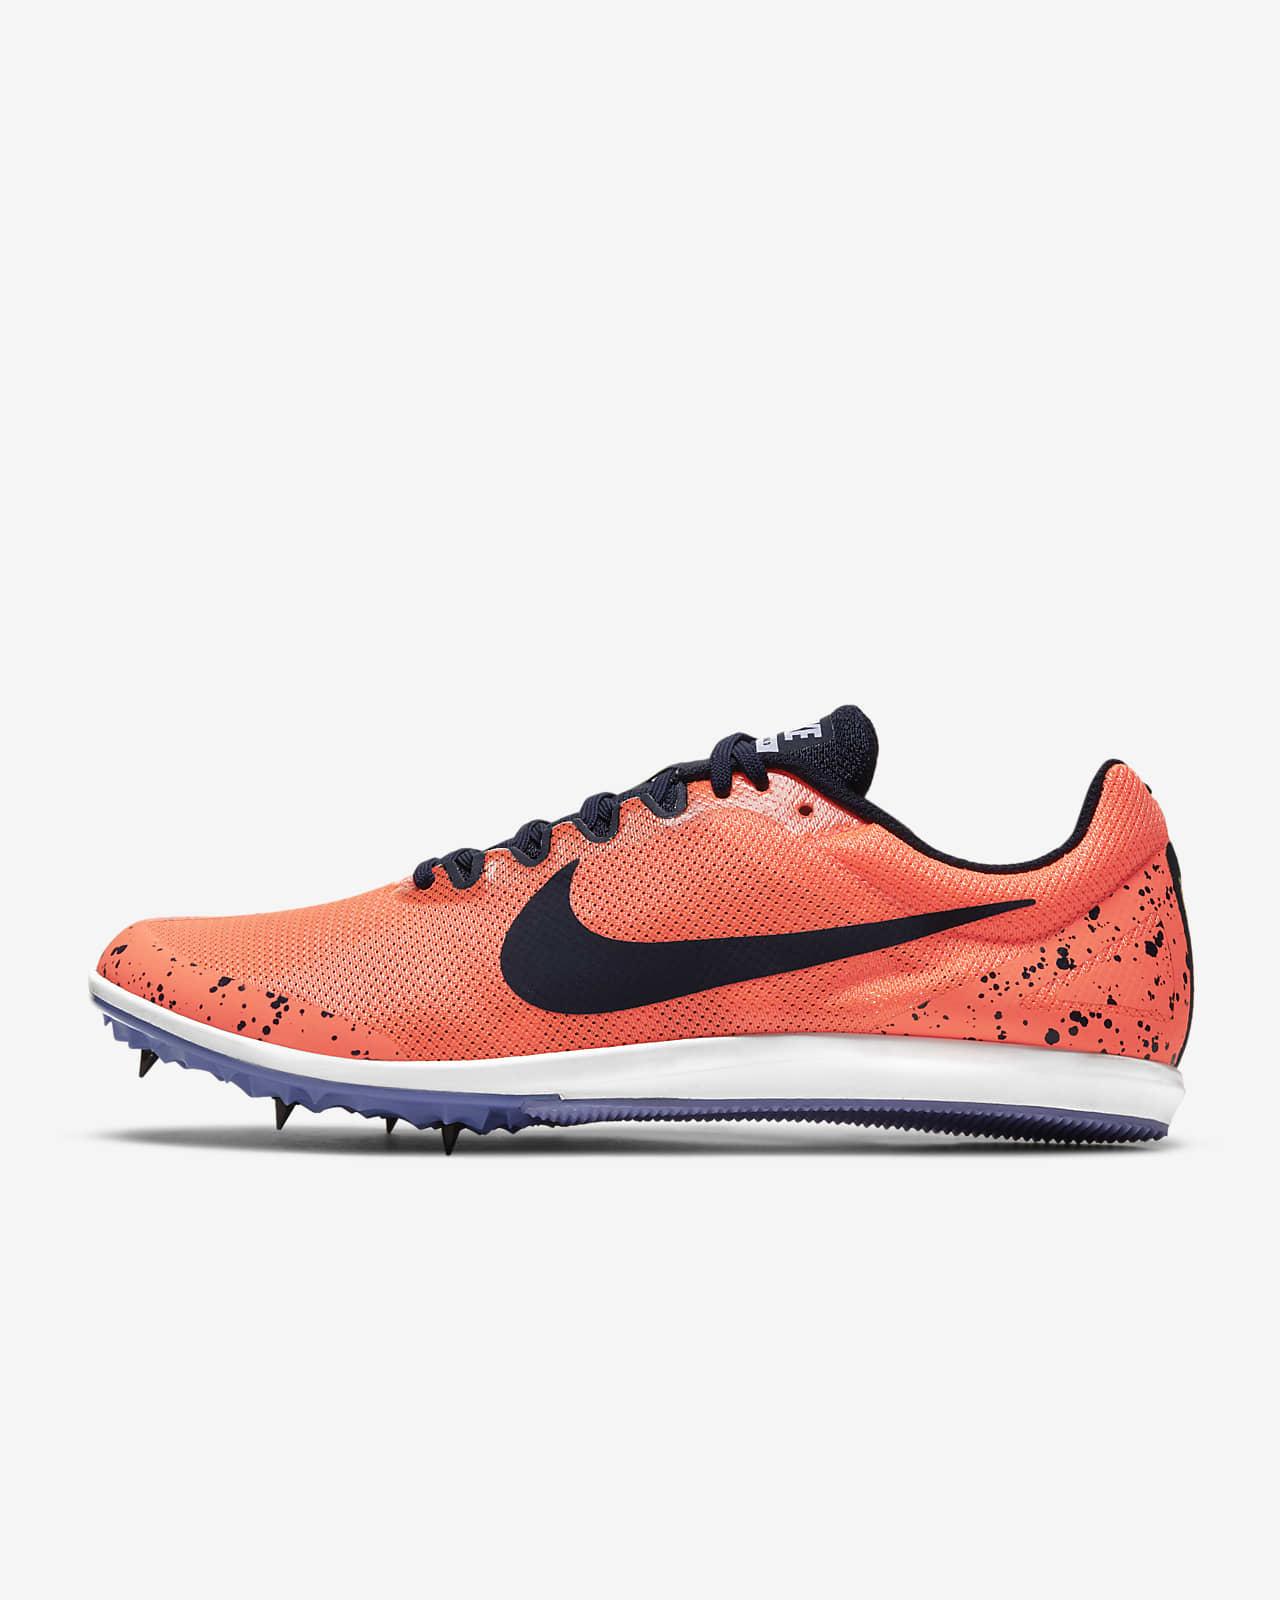 Nike Zoom Rival D 10 uniszex szöges pályacipő